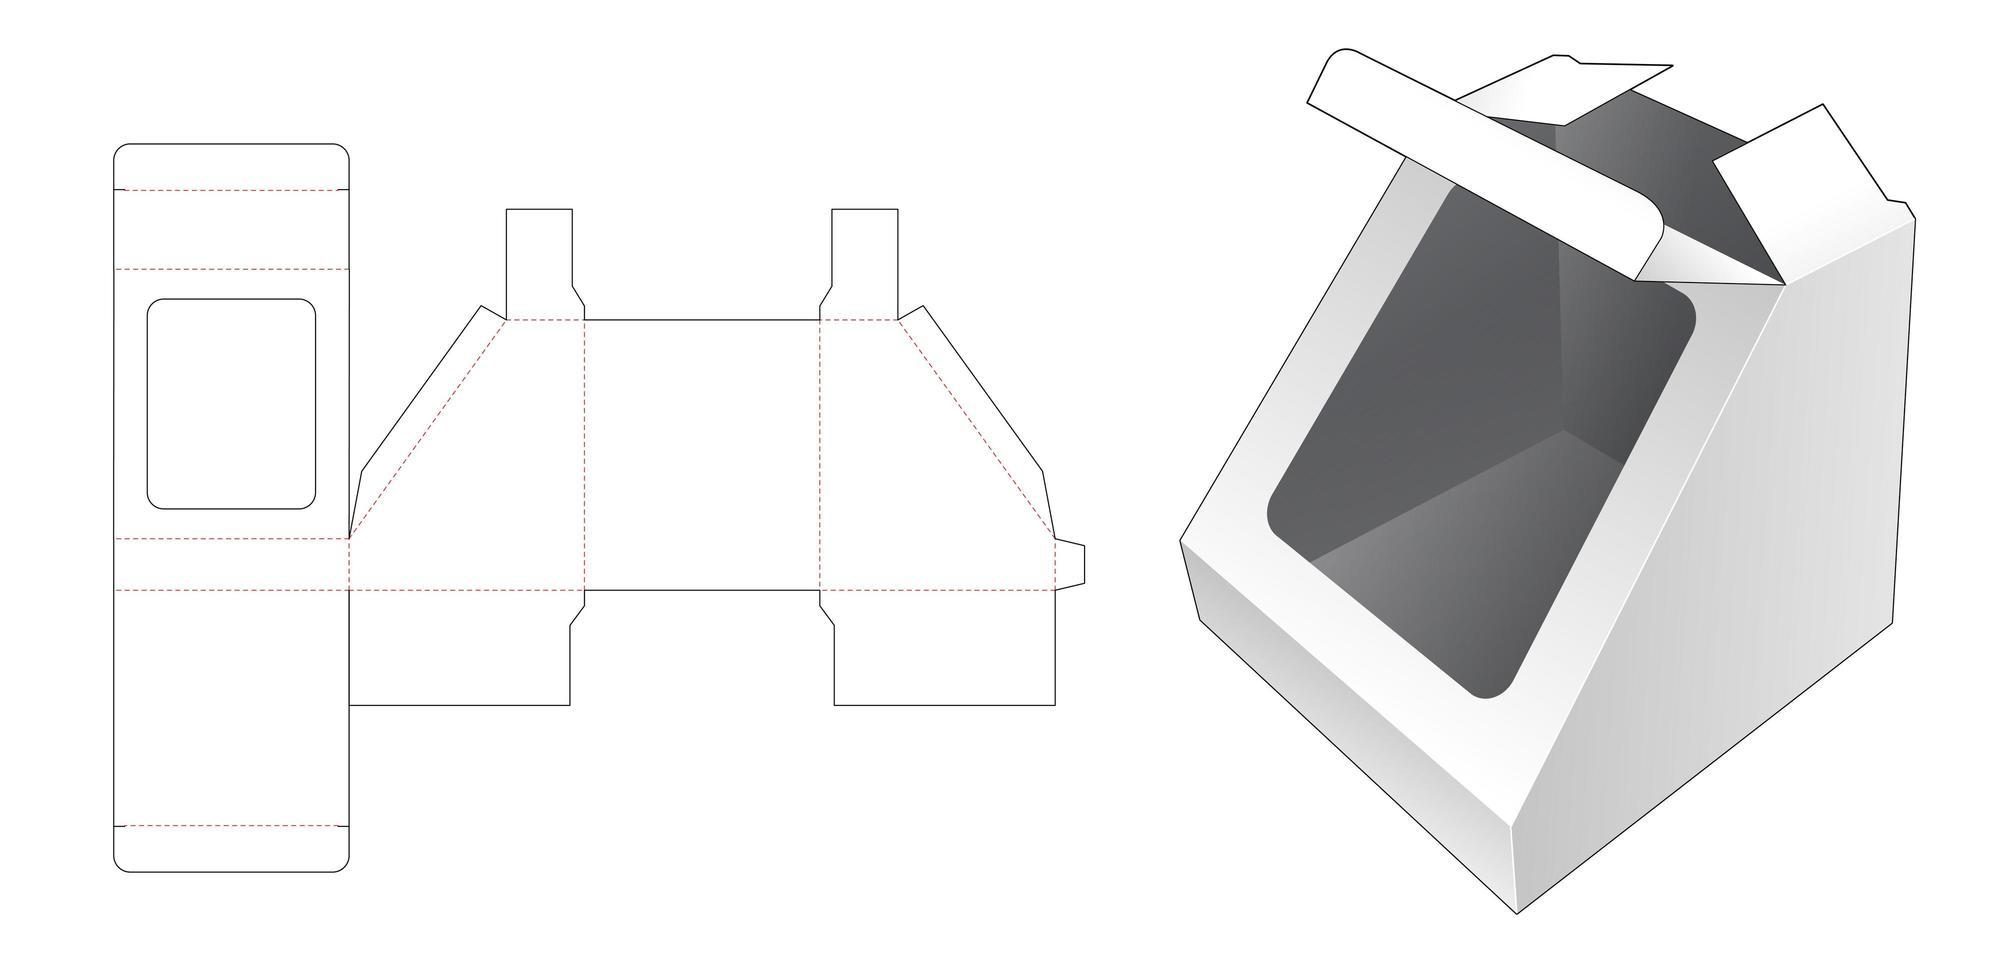 coffre à jouets de forme triangulaire avec fenêtre vecteur